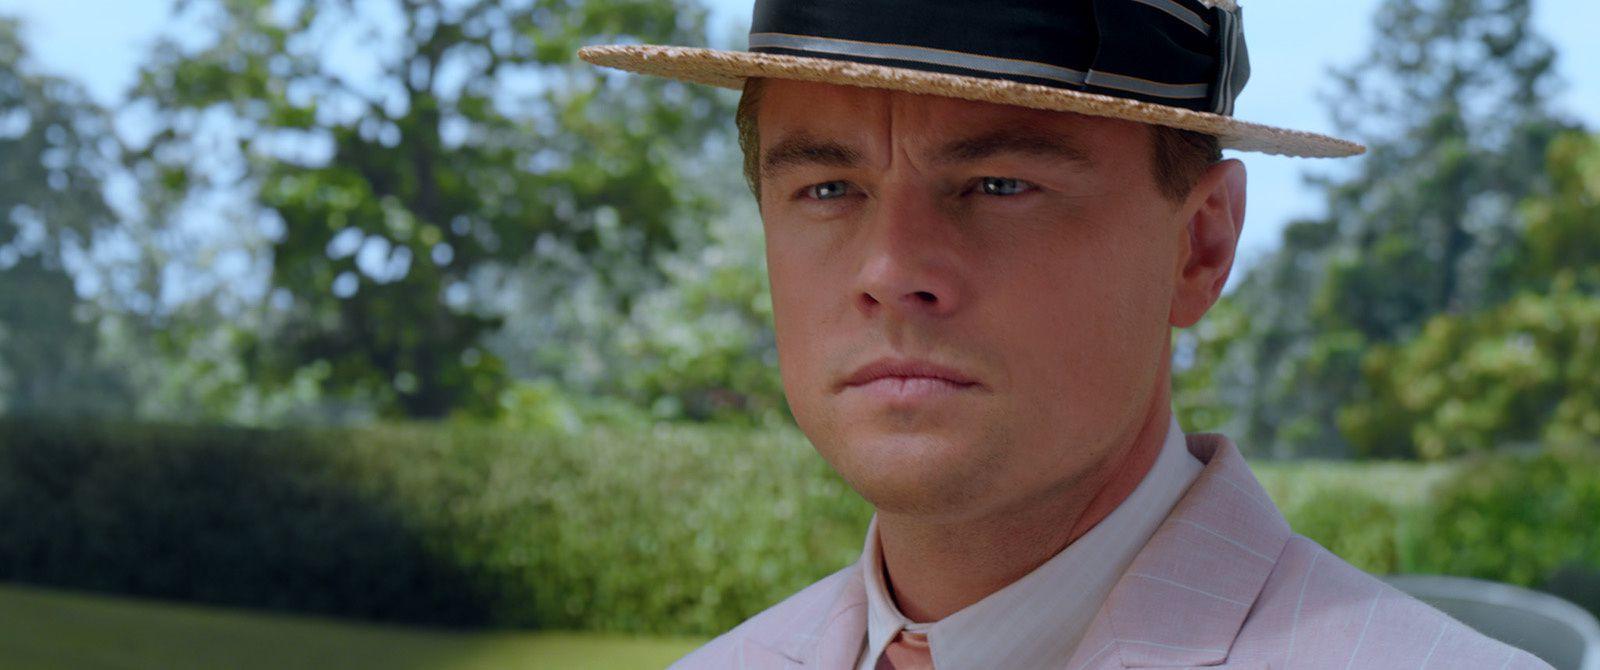 Gatsby le Magnifique (Romance dramatique, 2013)